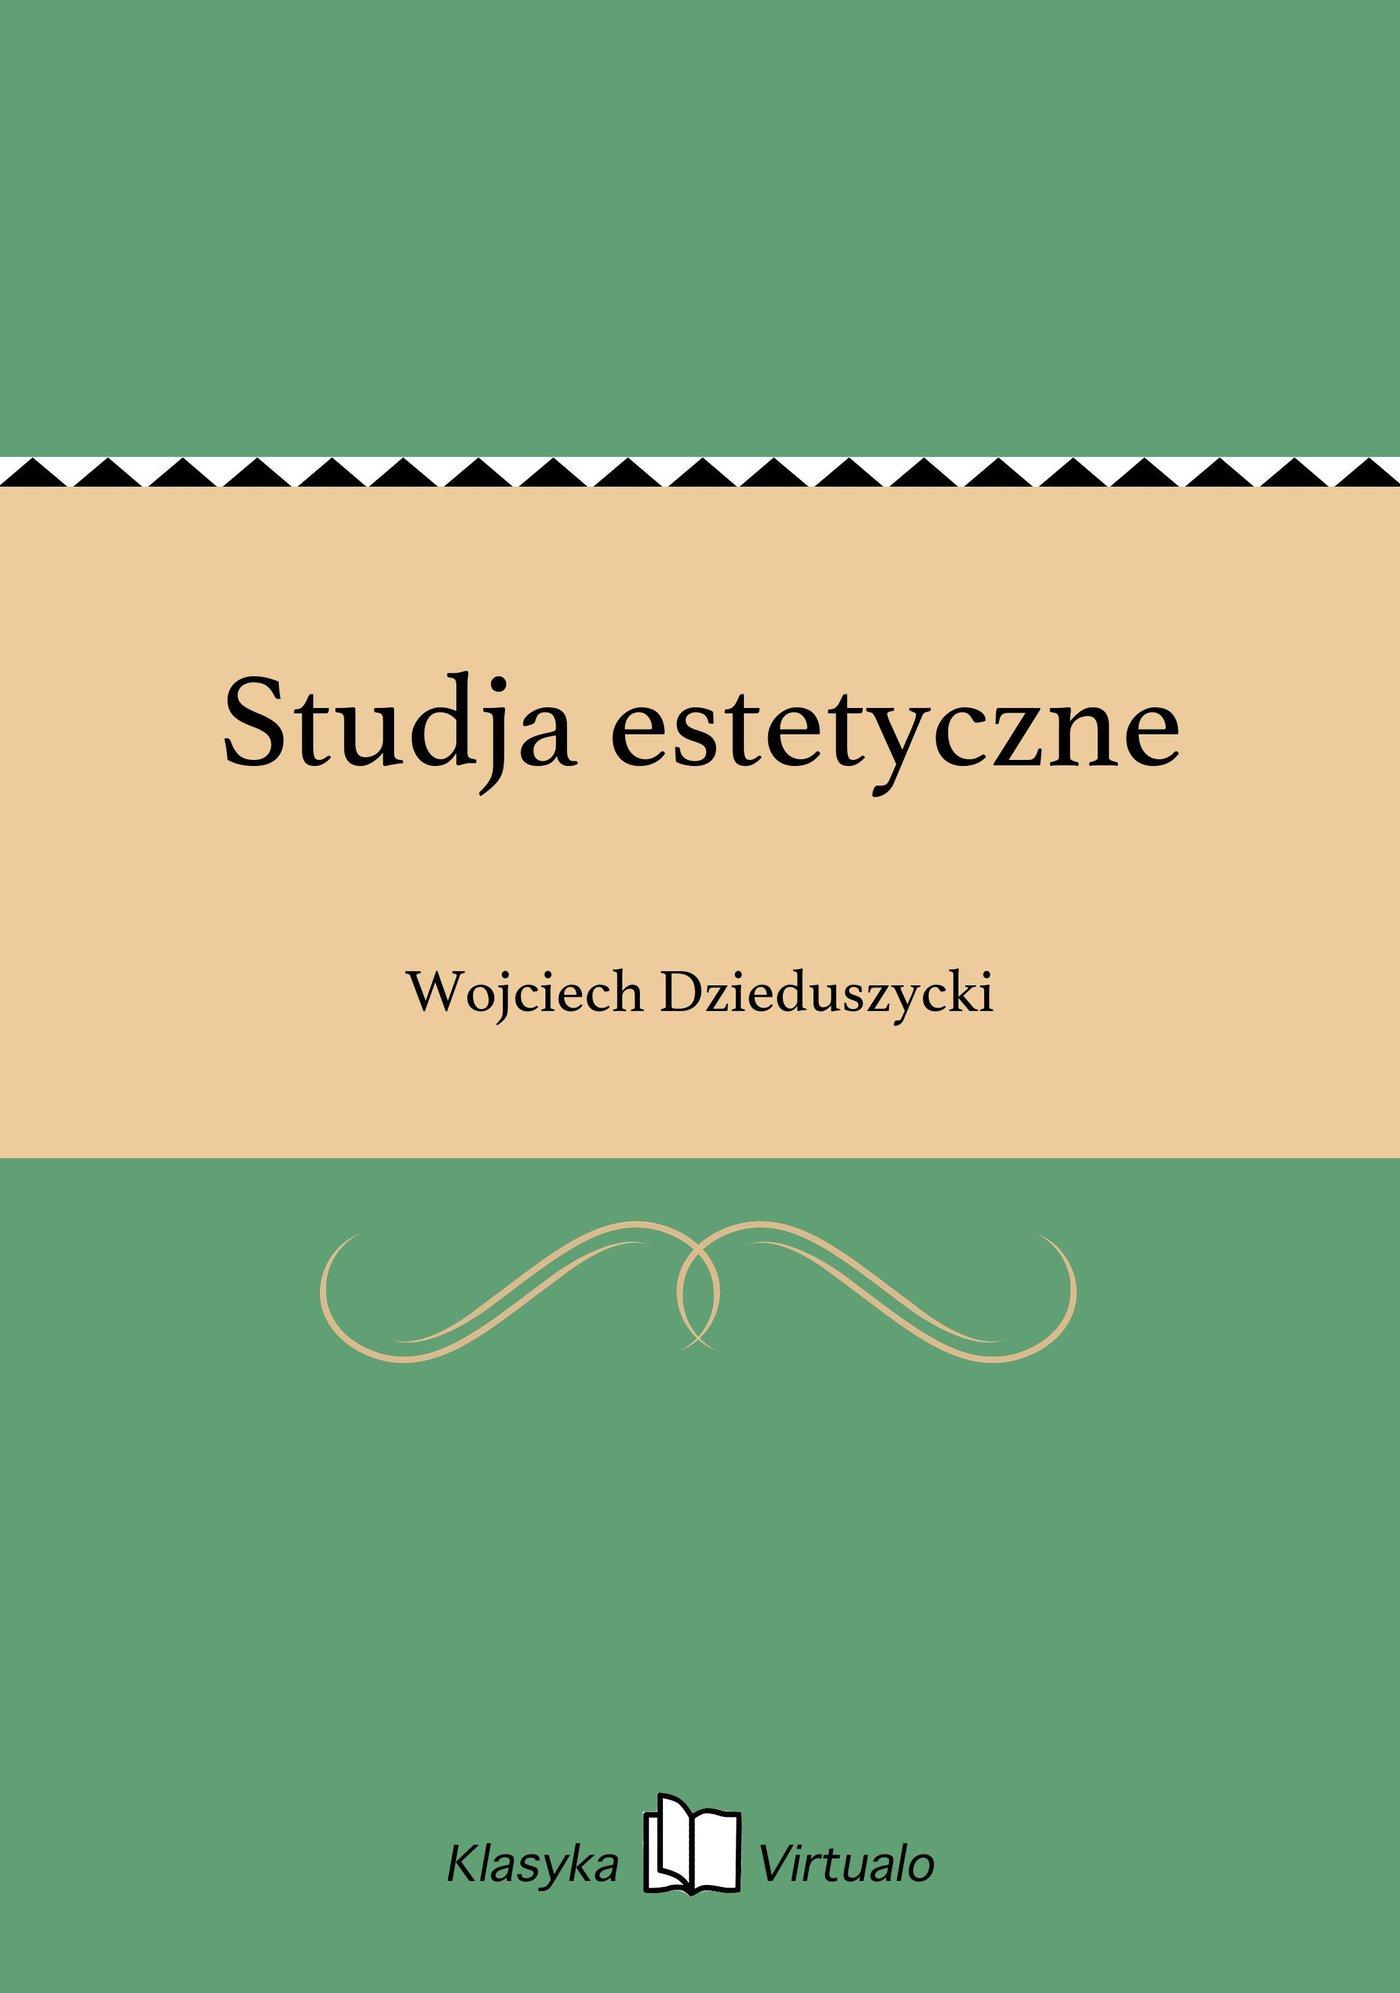 Studja estetyczne - Ebook (Książka EPUB) do pobrania w formacie EPUB